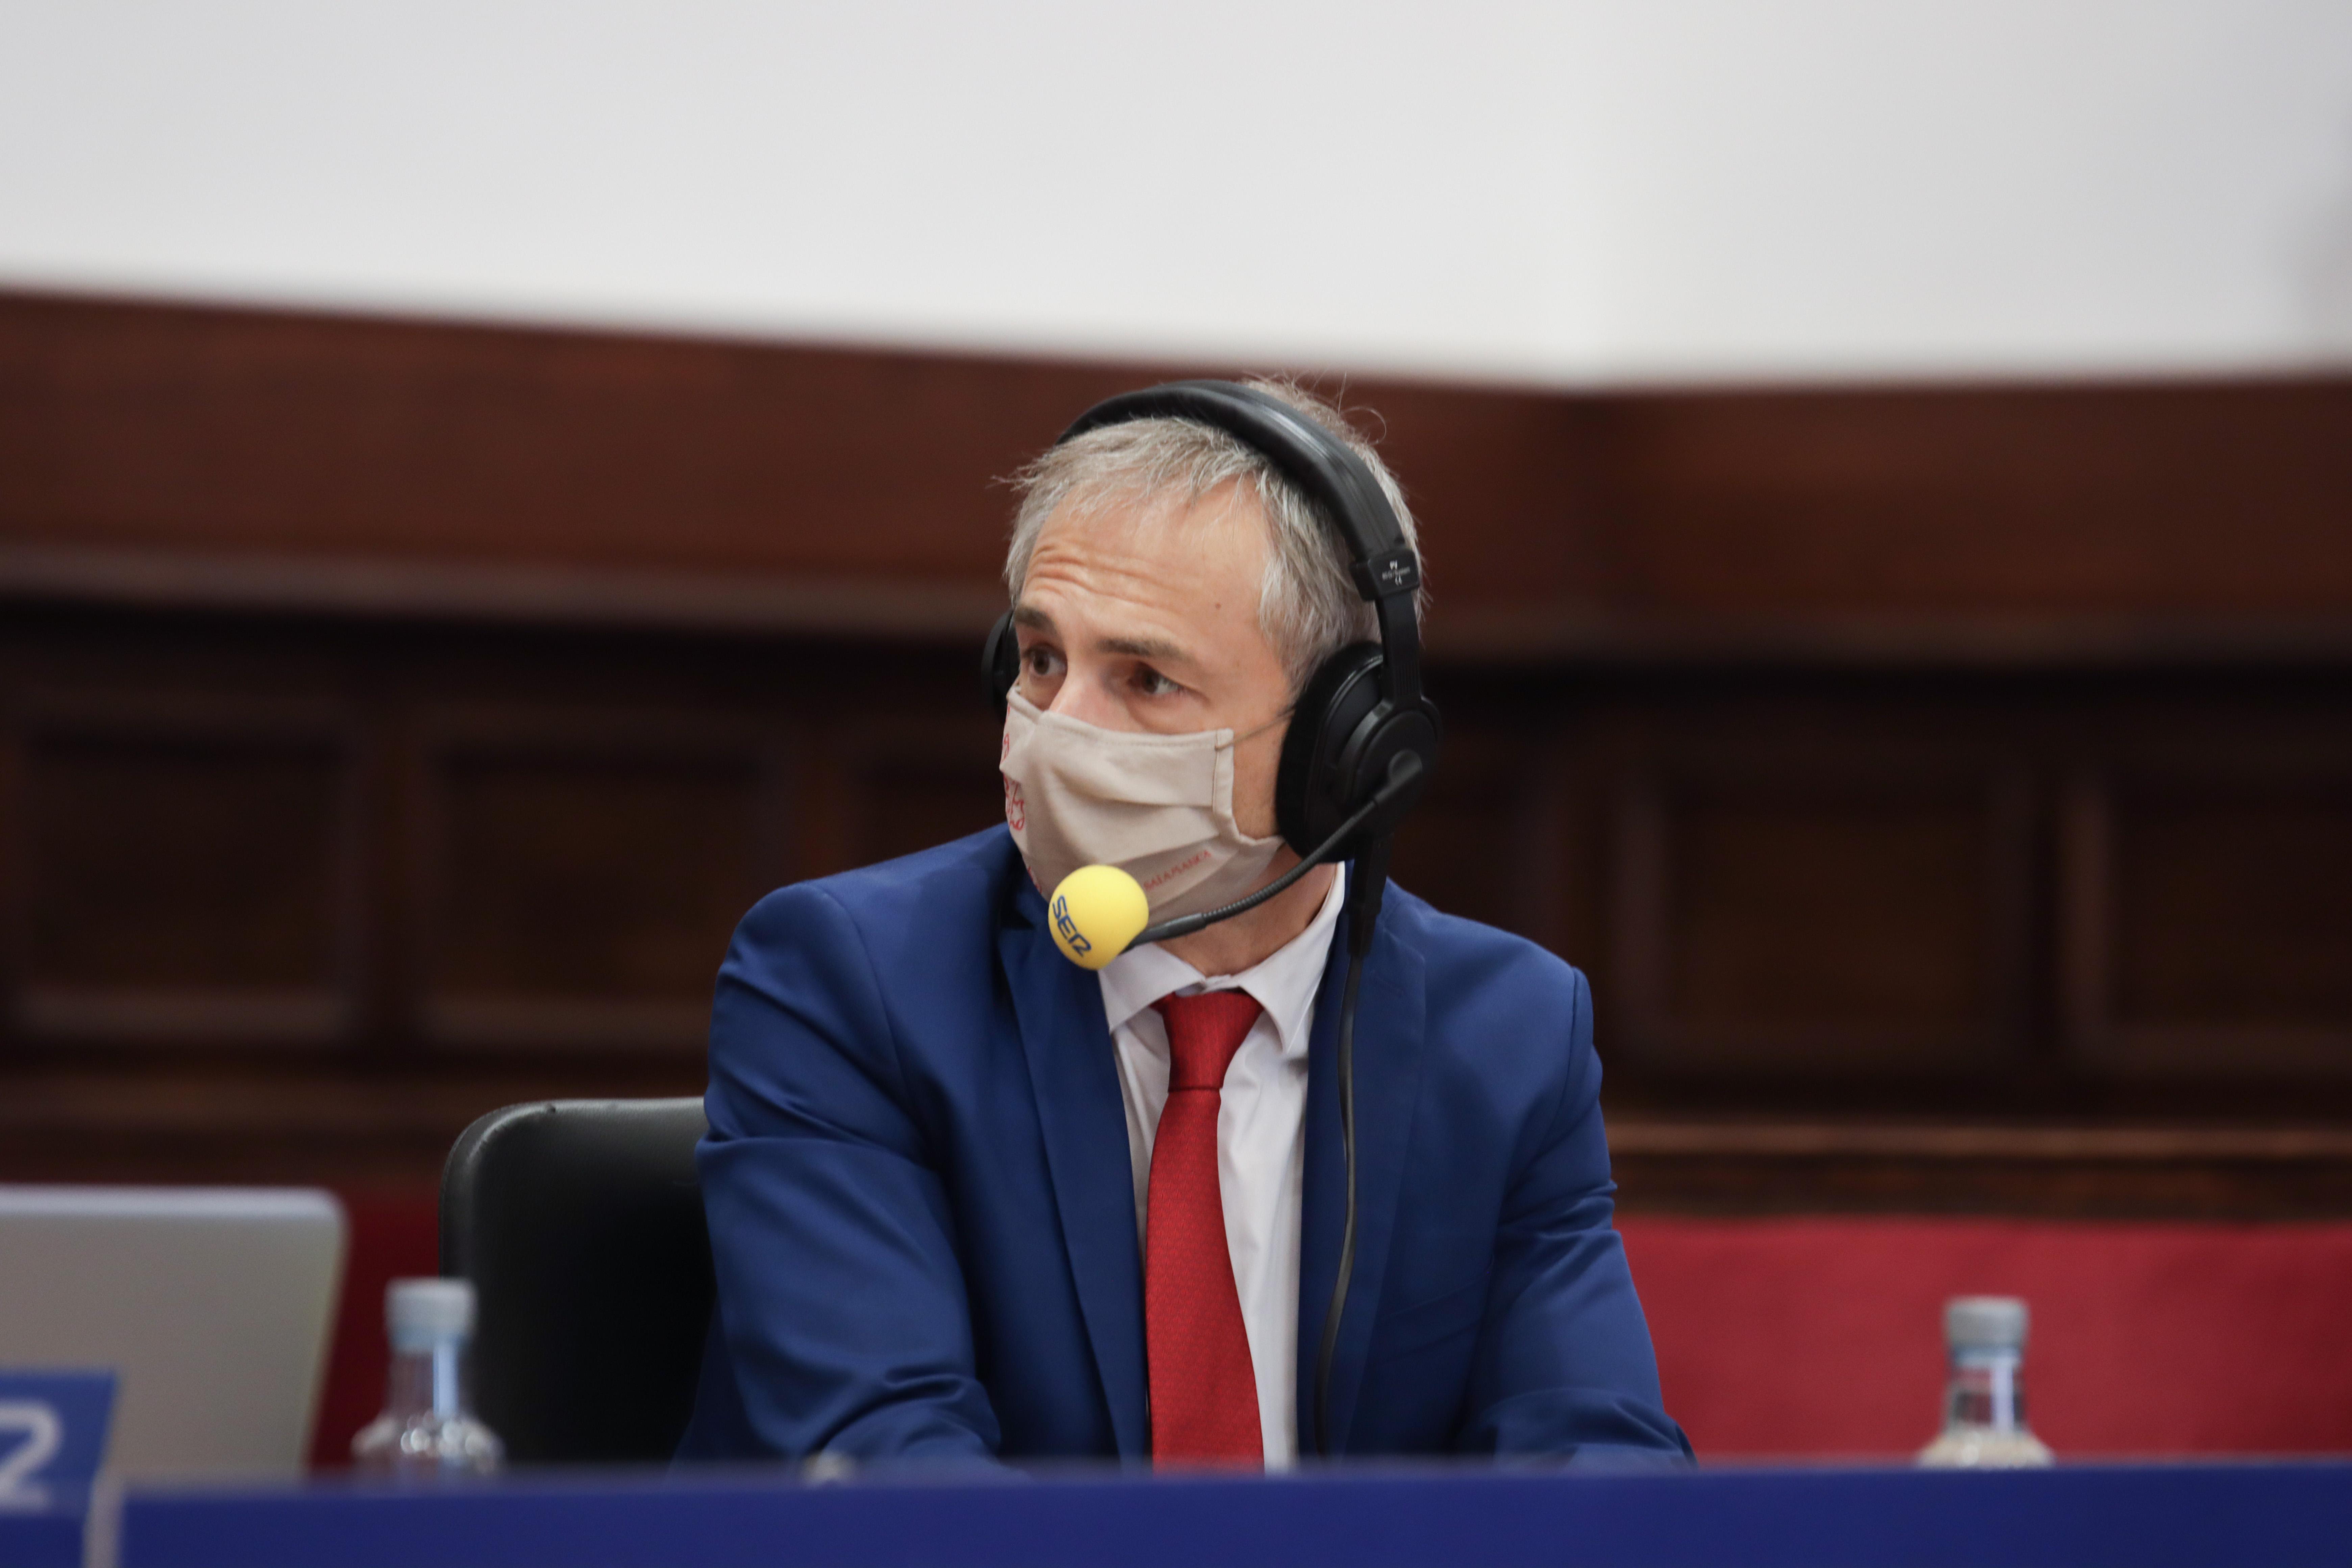 El rector Ricardo Rivero interviene en el programa 'Hoy por hoy', de la Cadena SER